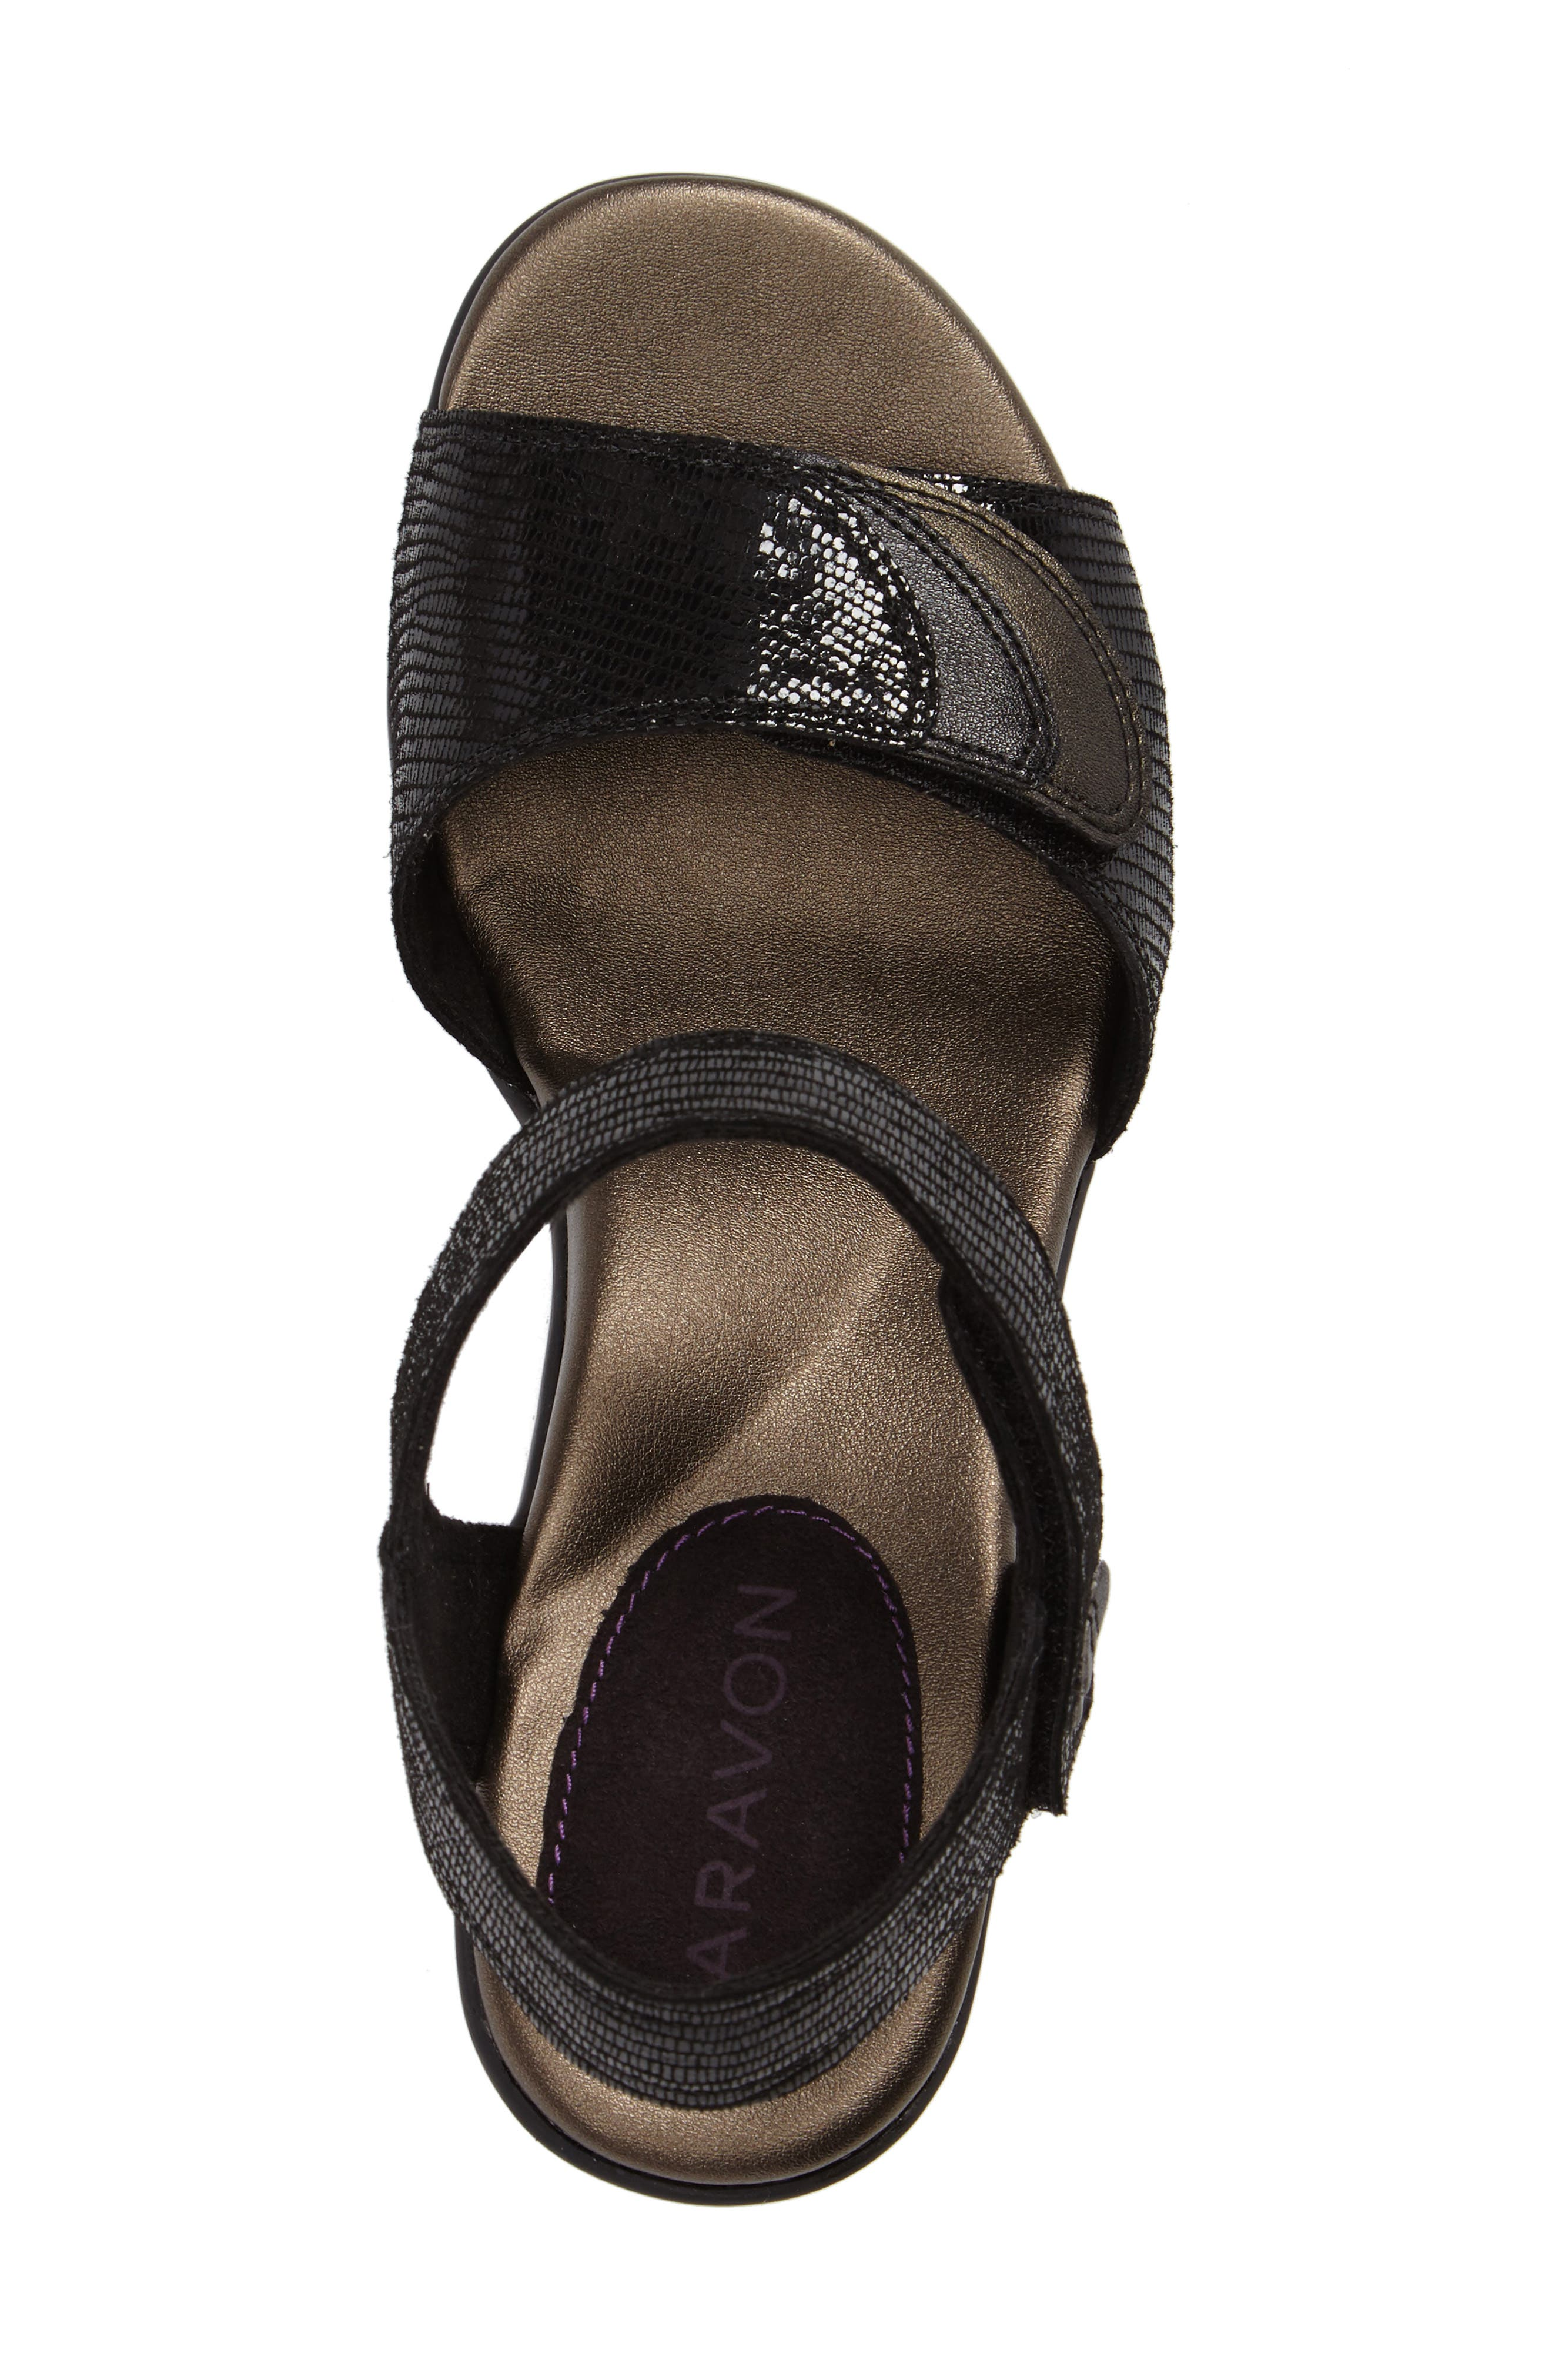 Medici Sandal,                             Alternate thumbnail 5, color,                             BLACK FABRIC